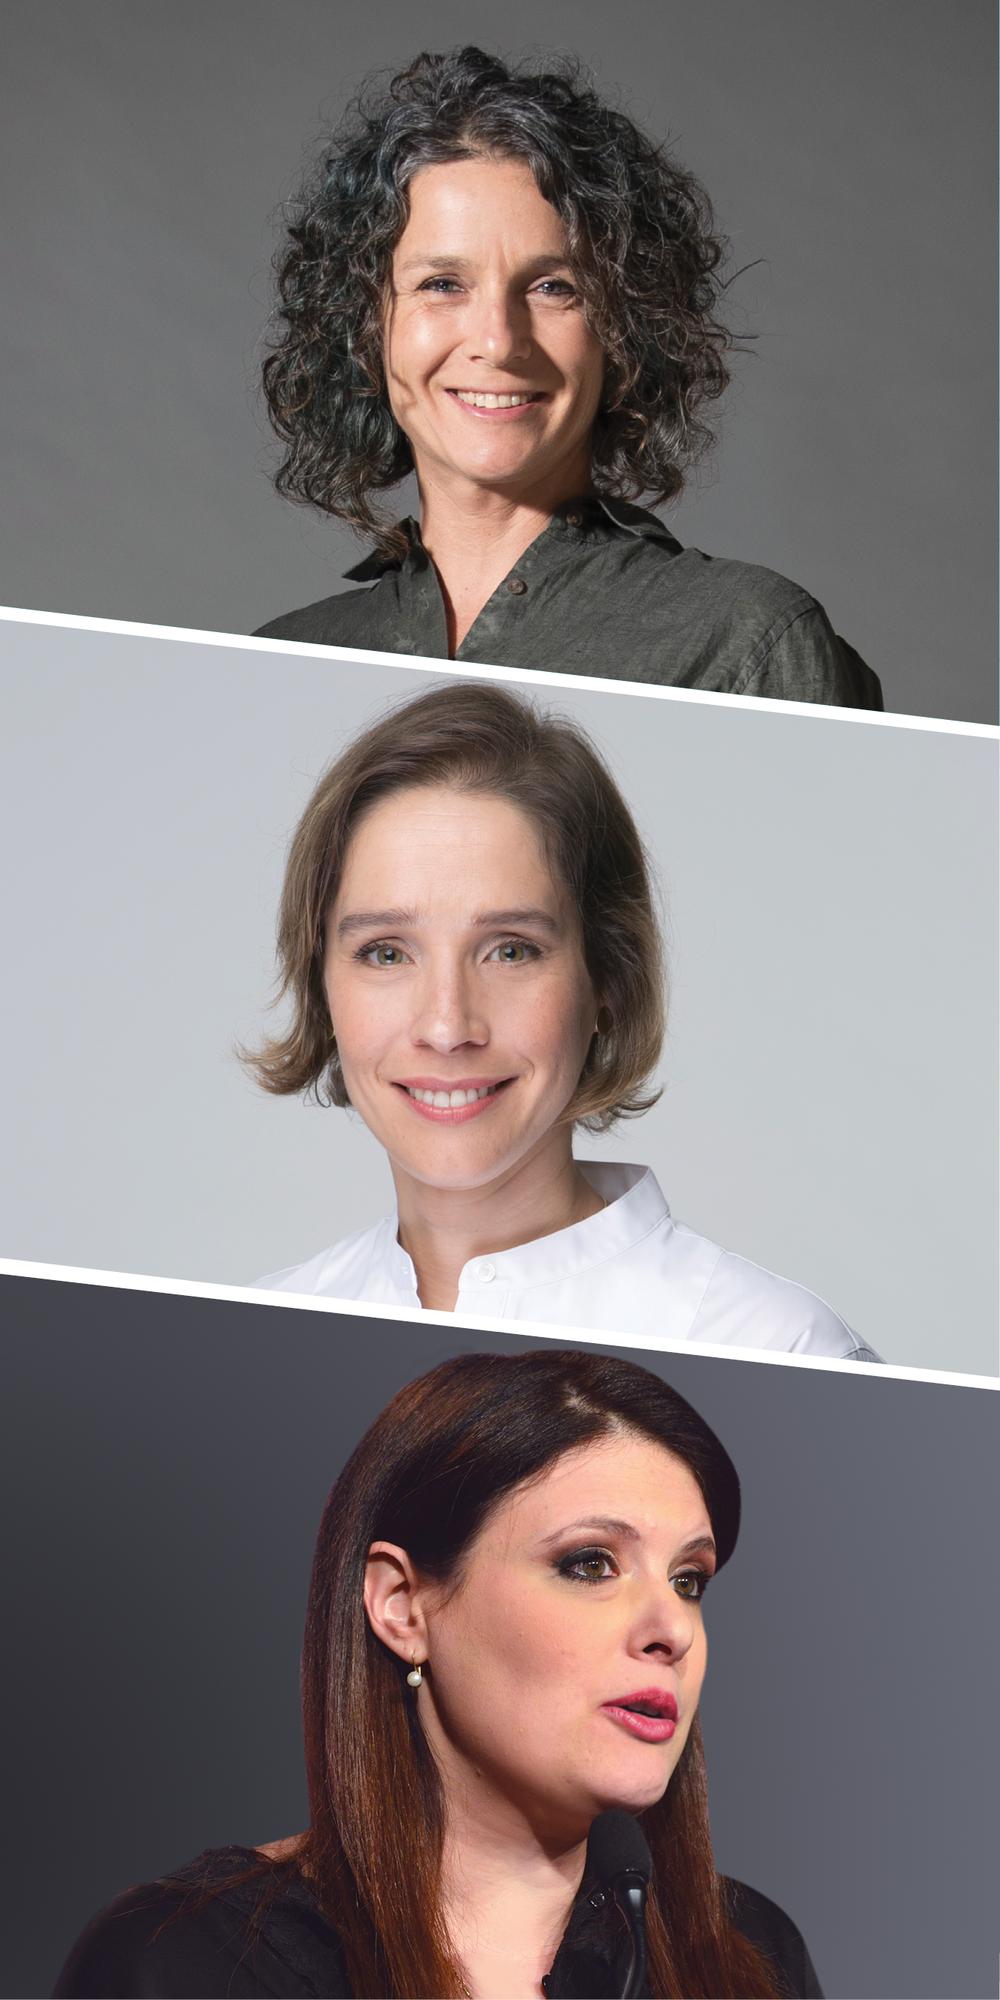 מלמעלה: אגמון, בר און וסיקולר   צילומים: גלובס